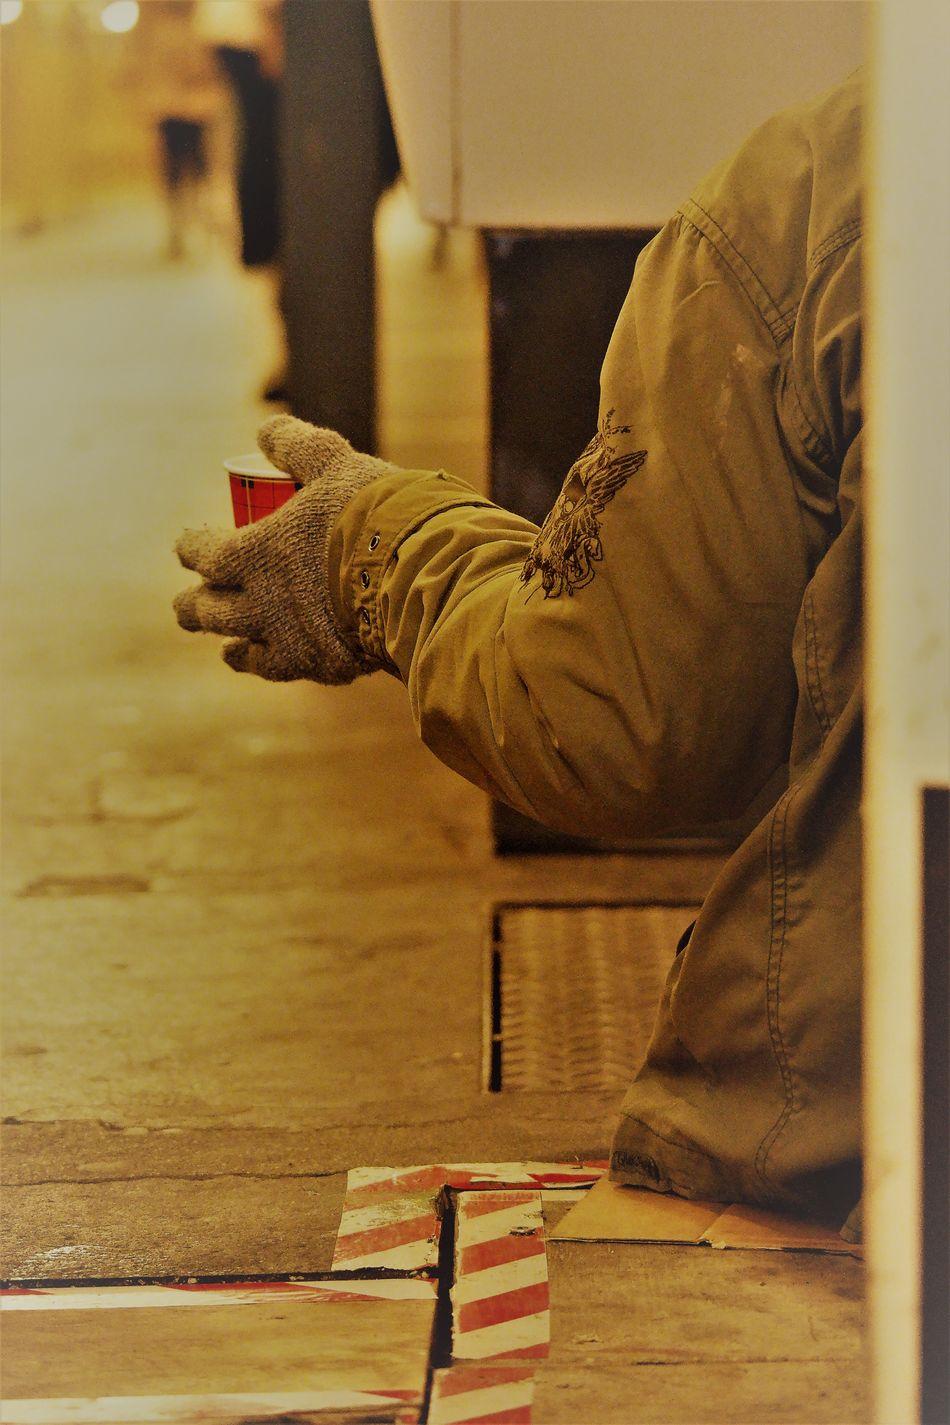 Please please me Armut Beggar Begging Bettler Floor Human Body Part Human Hand Ich Brauche Geld In Need For Money Money On My Mind Poor  Poverty Social Injustice Soziale Ungleichheit Underground